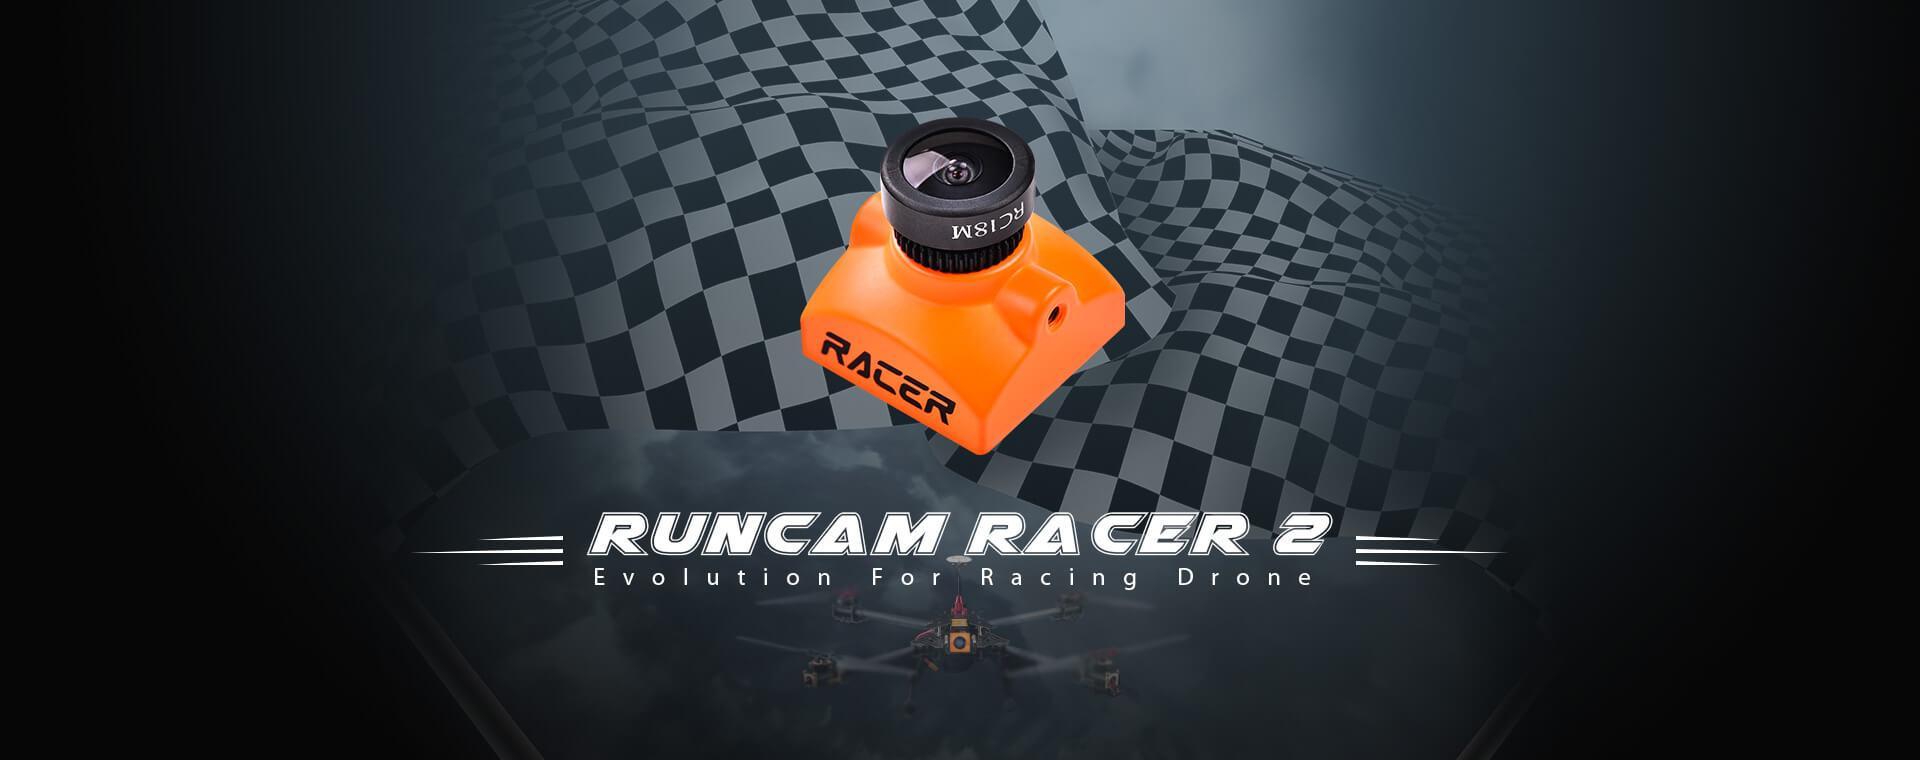 racer2-web-1.jpg